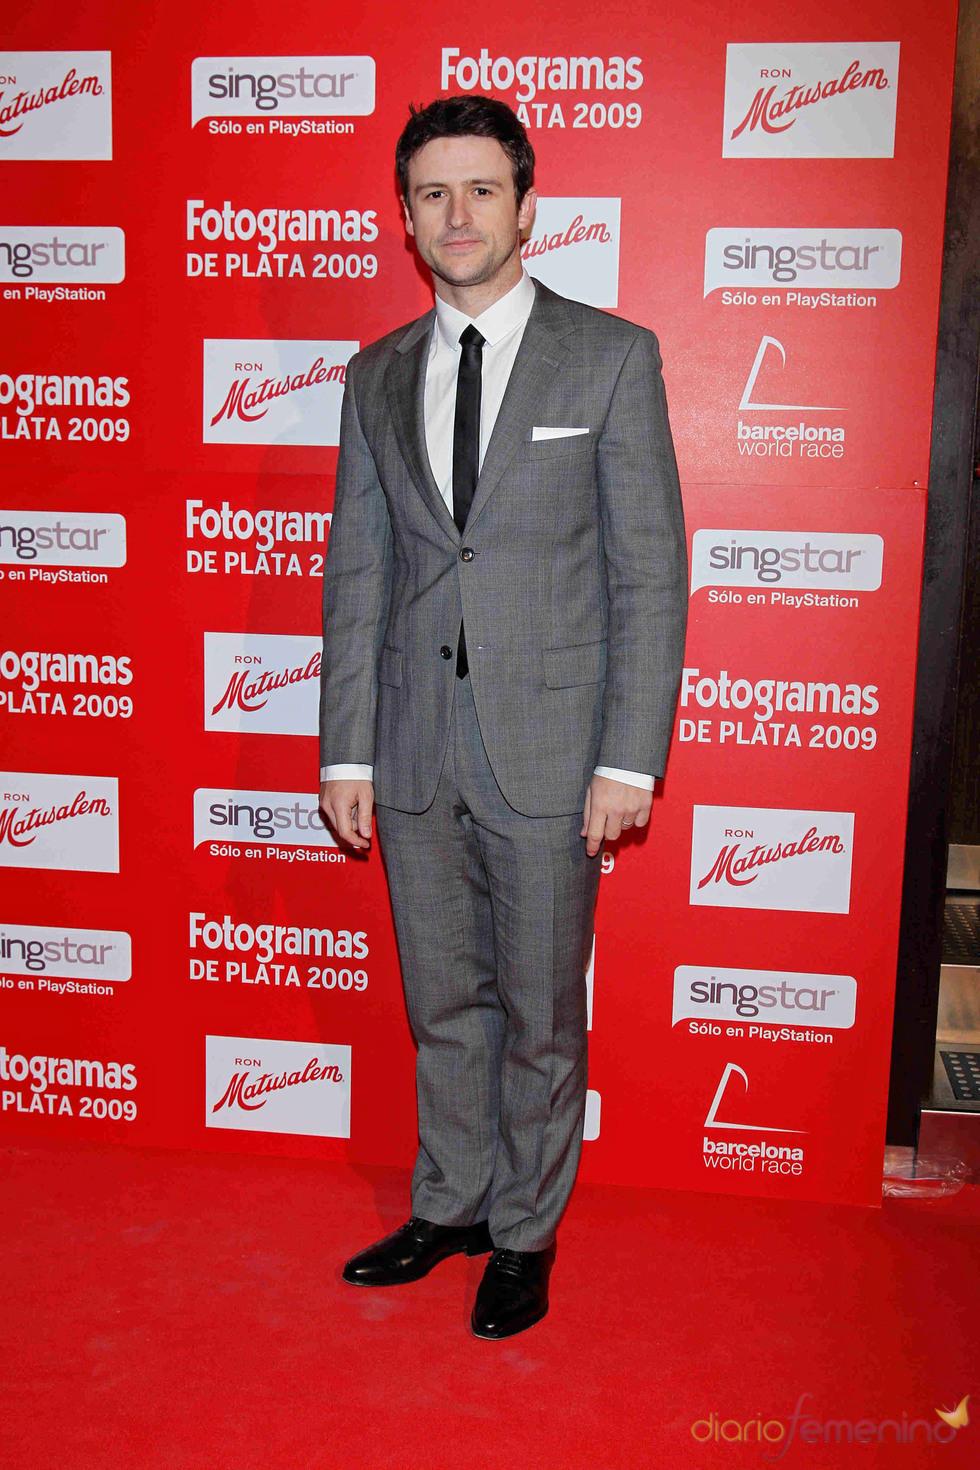 Fotogramas de Plata 2009: Diego Martín